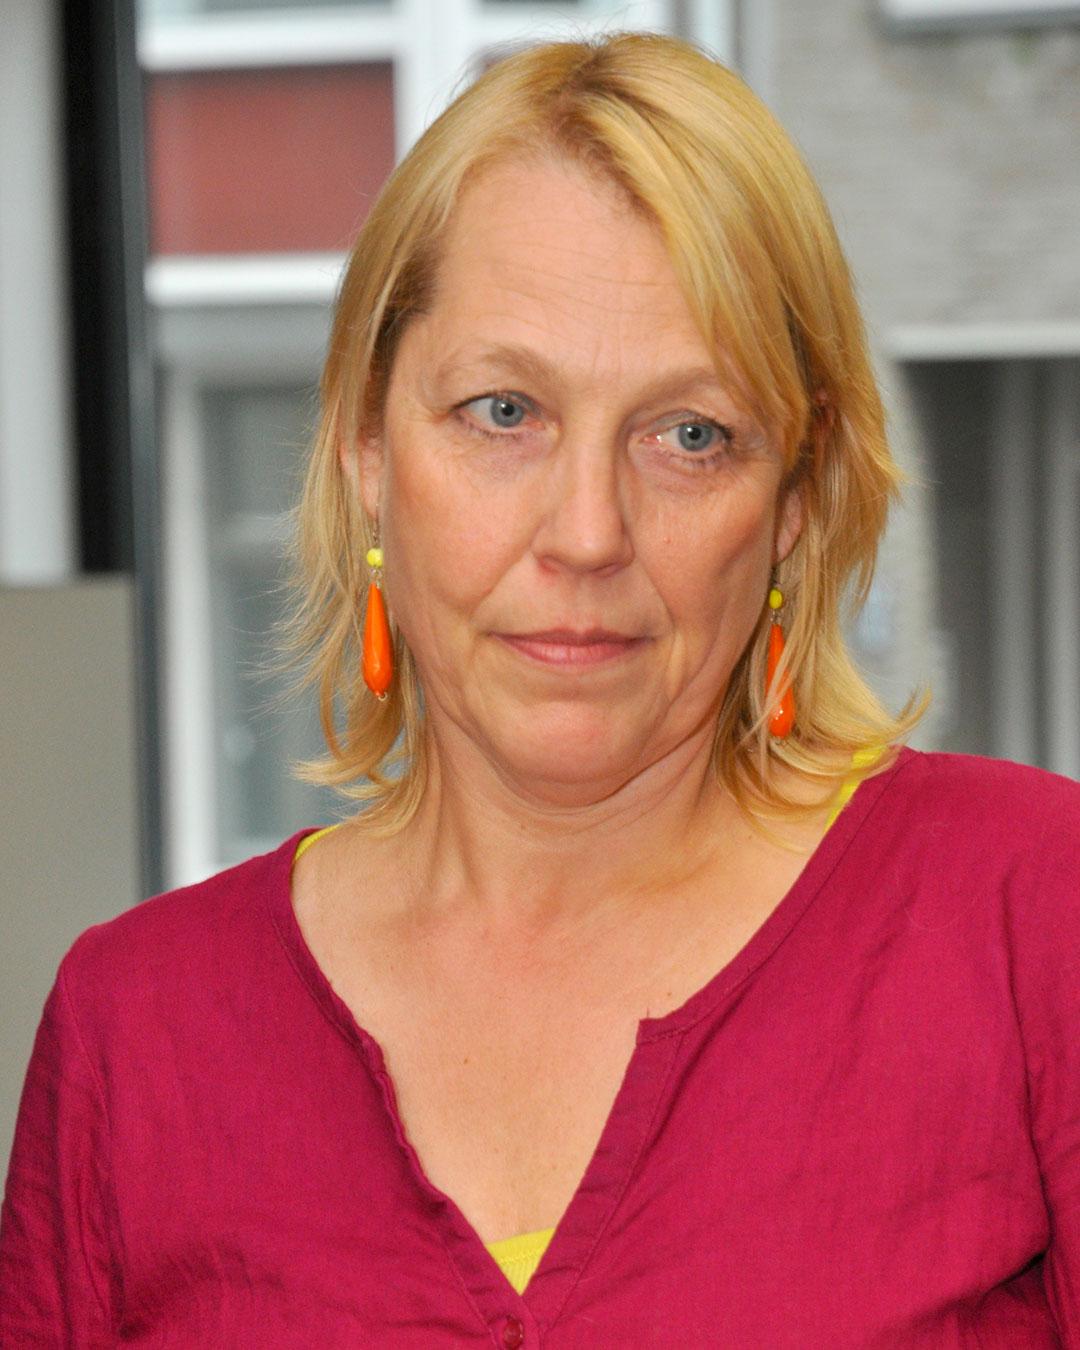 Lucy Sarneel, 2010